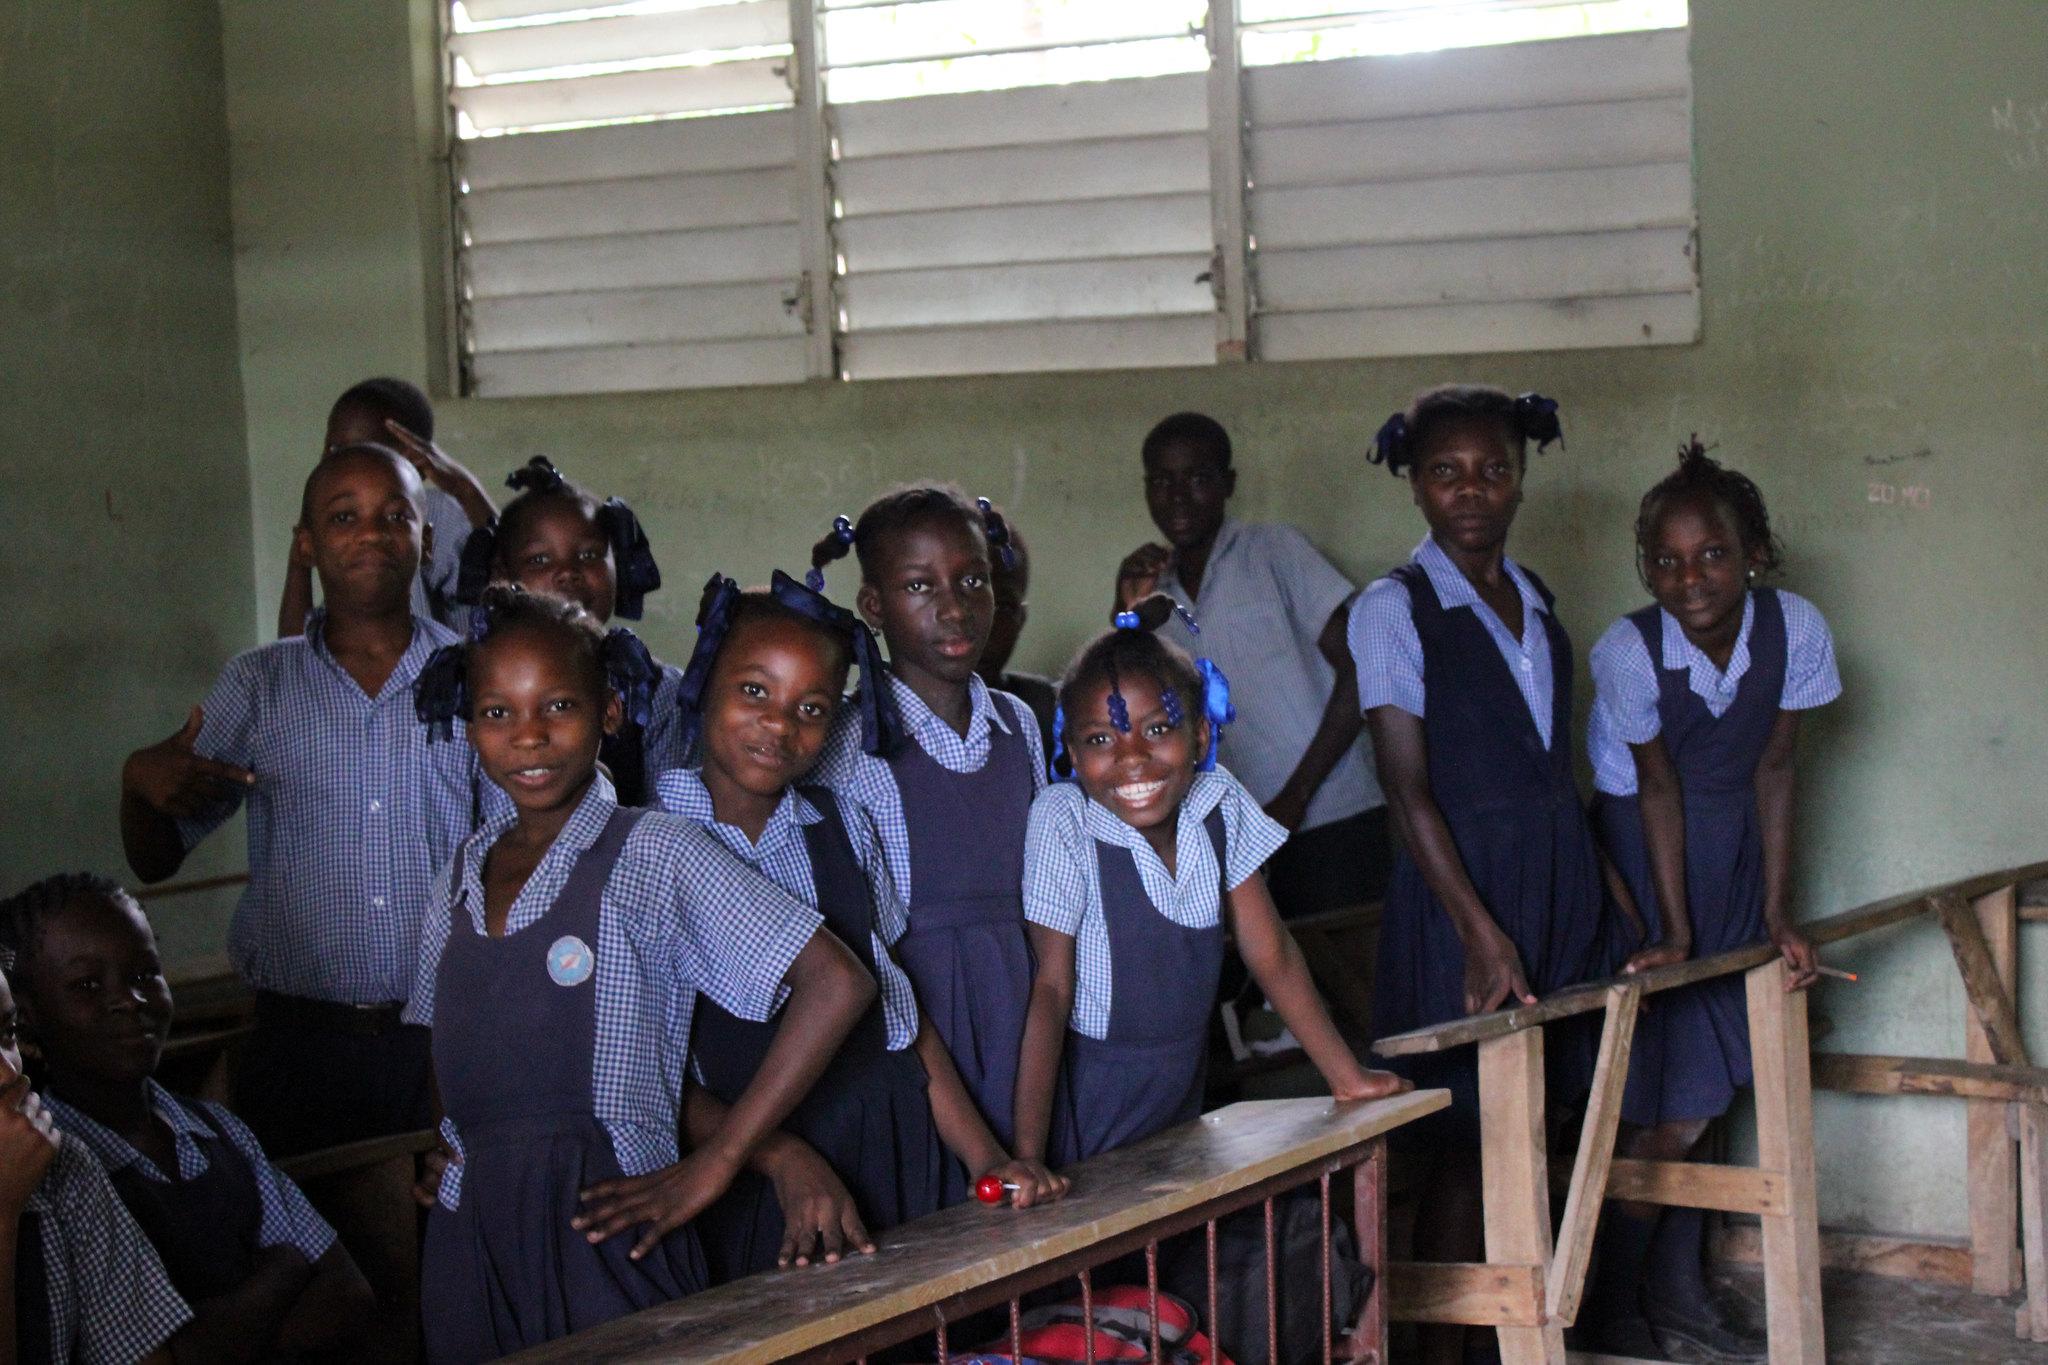 School Children posing